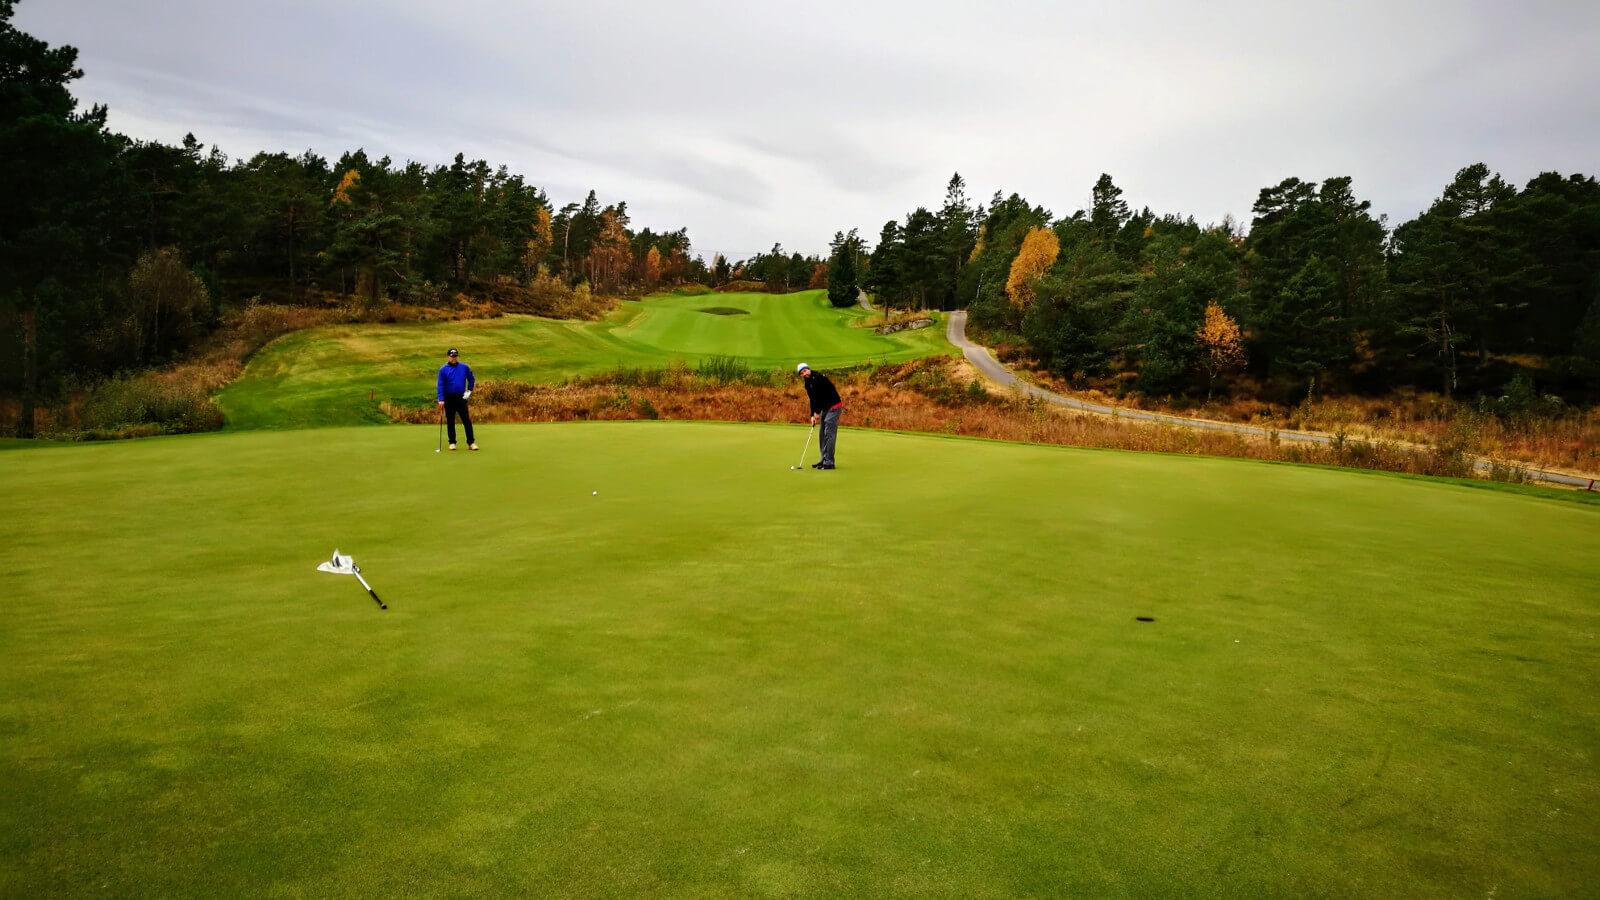 Greenen på hull 8, Kragerø Golfklubb